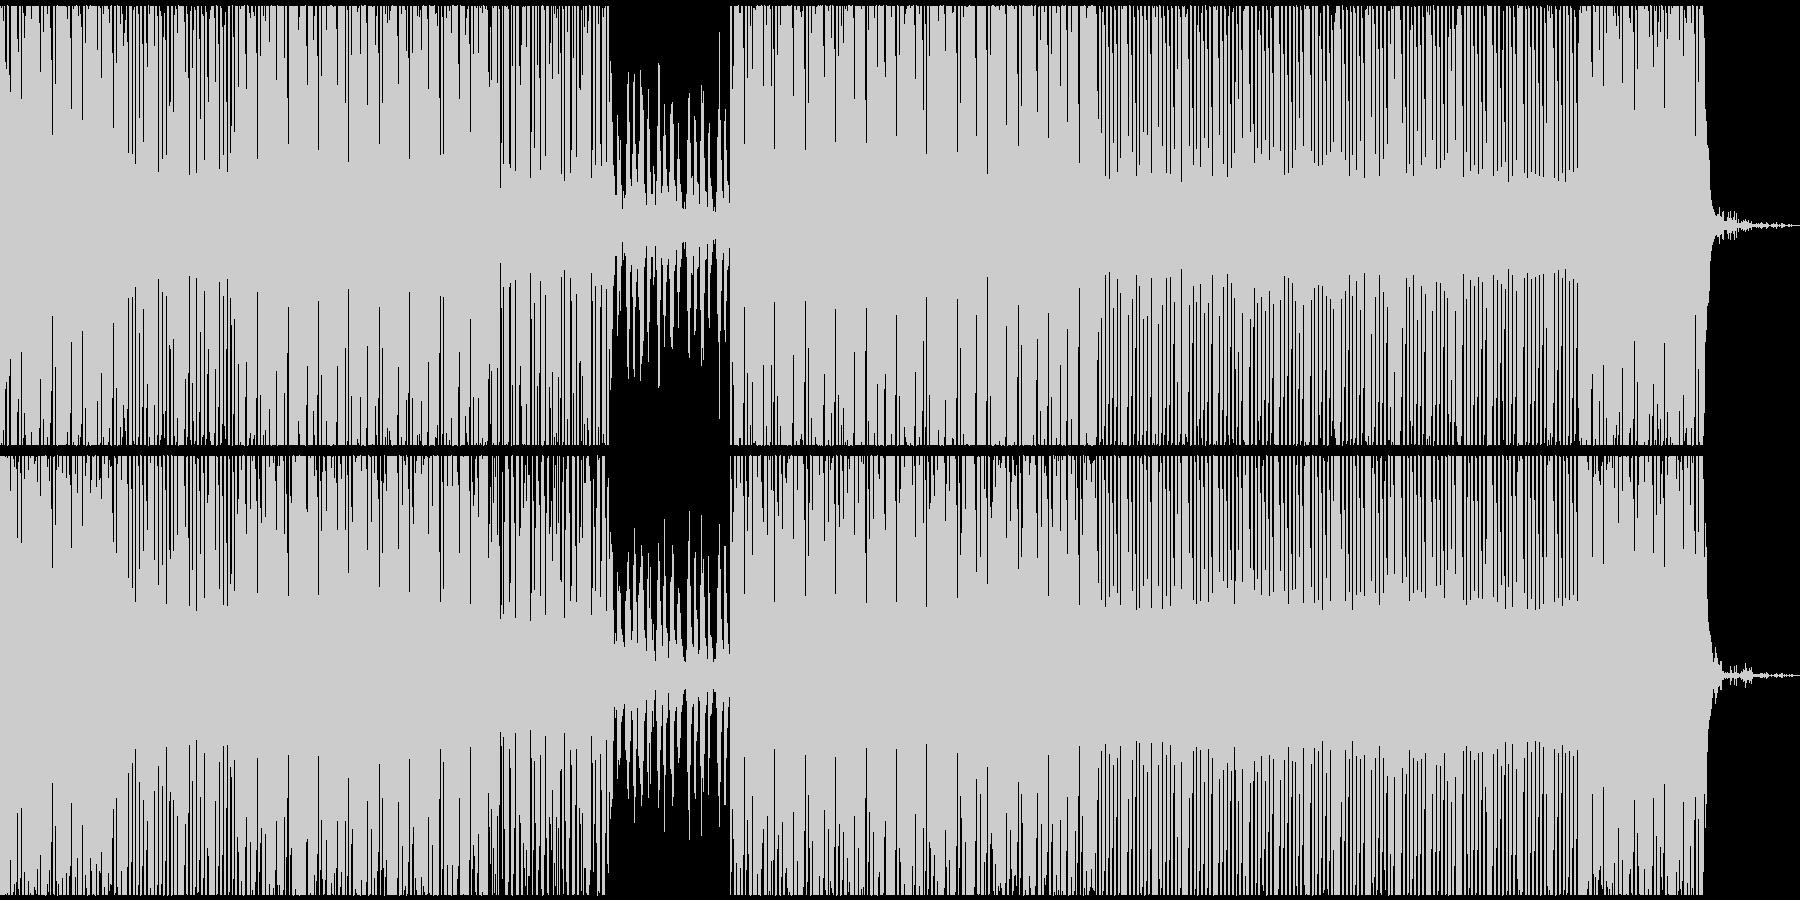 暗く明るい中立なテクノEDMサウンドの未再生の波形